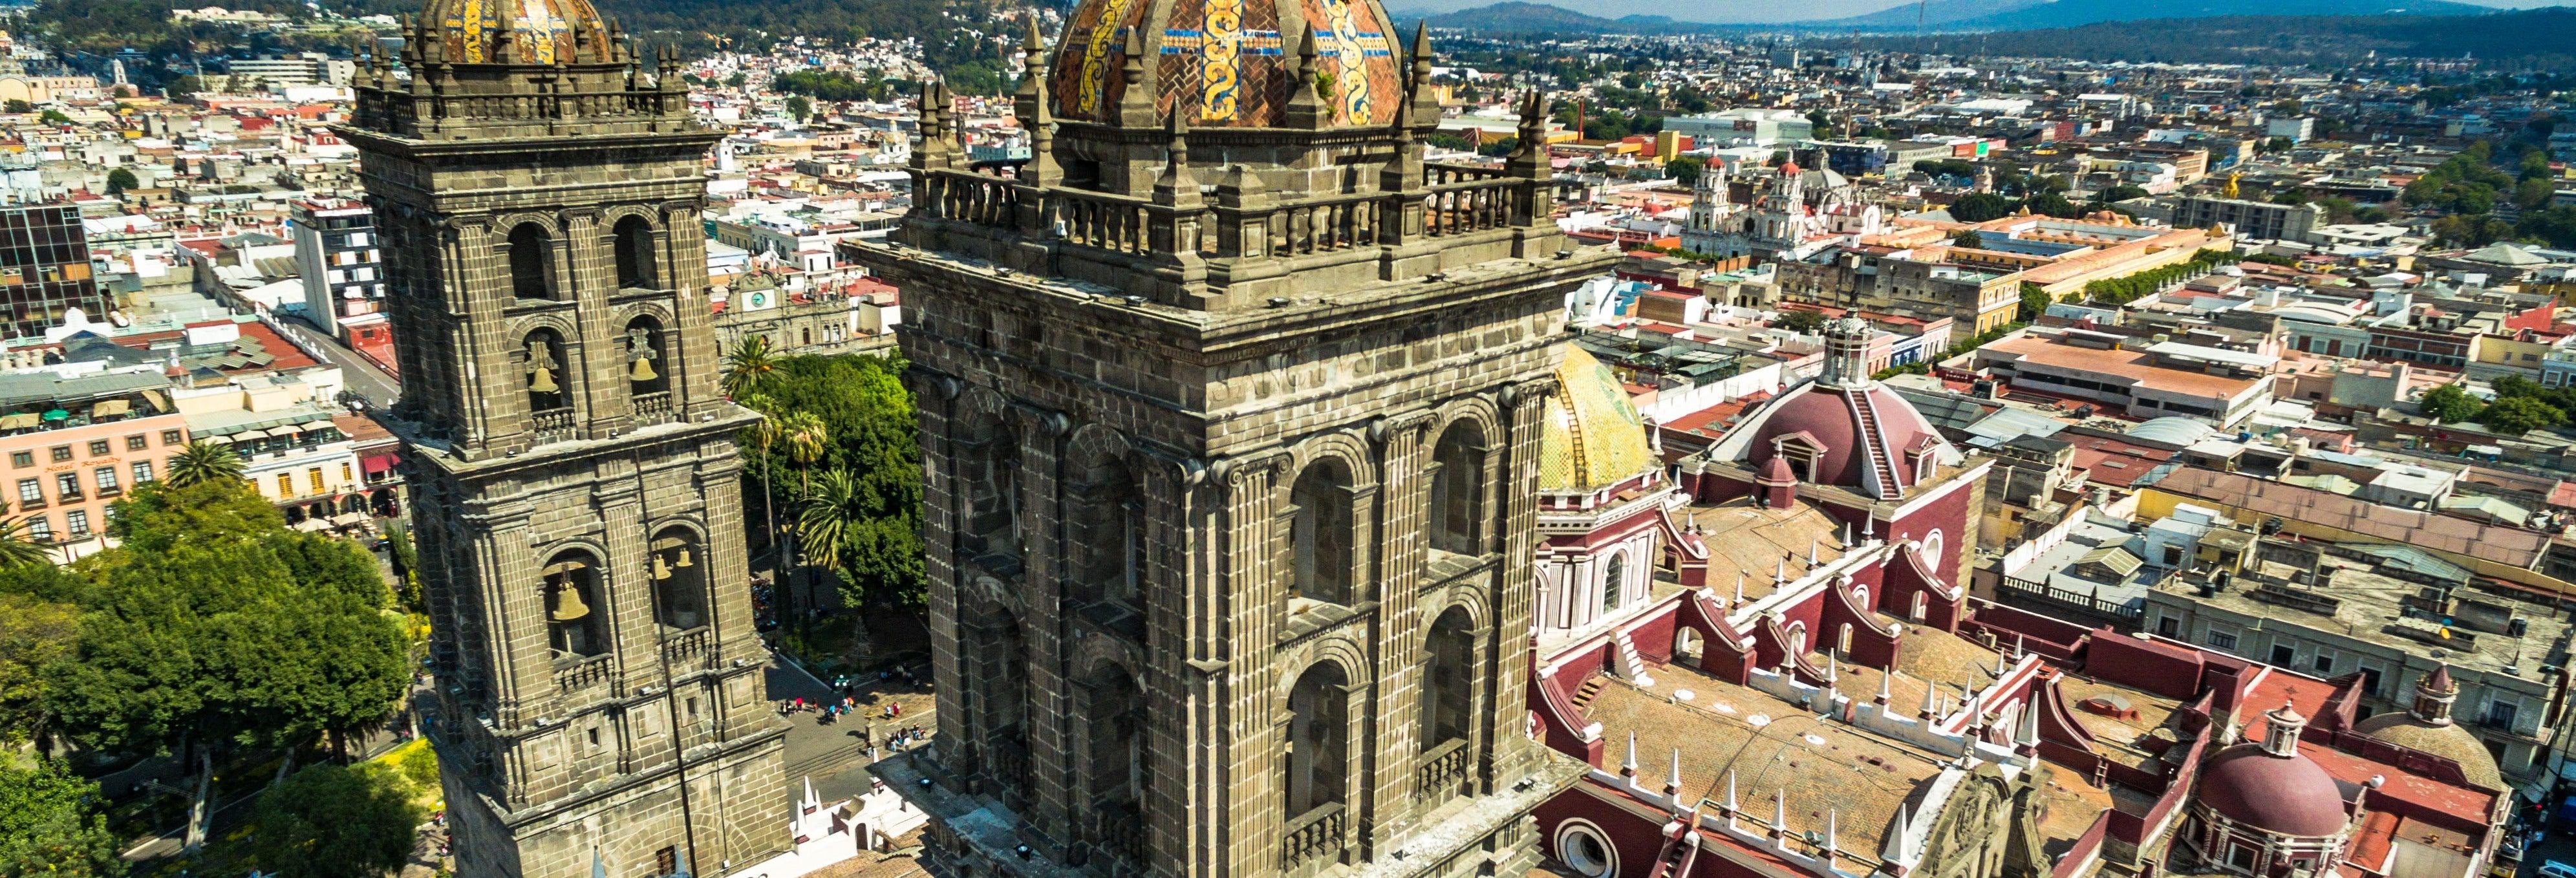 Tour de misterios y leyendas por Puebla